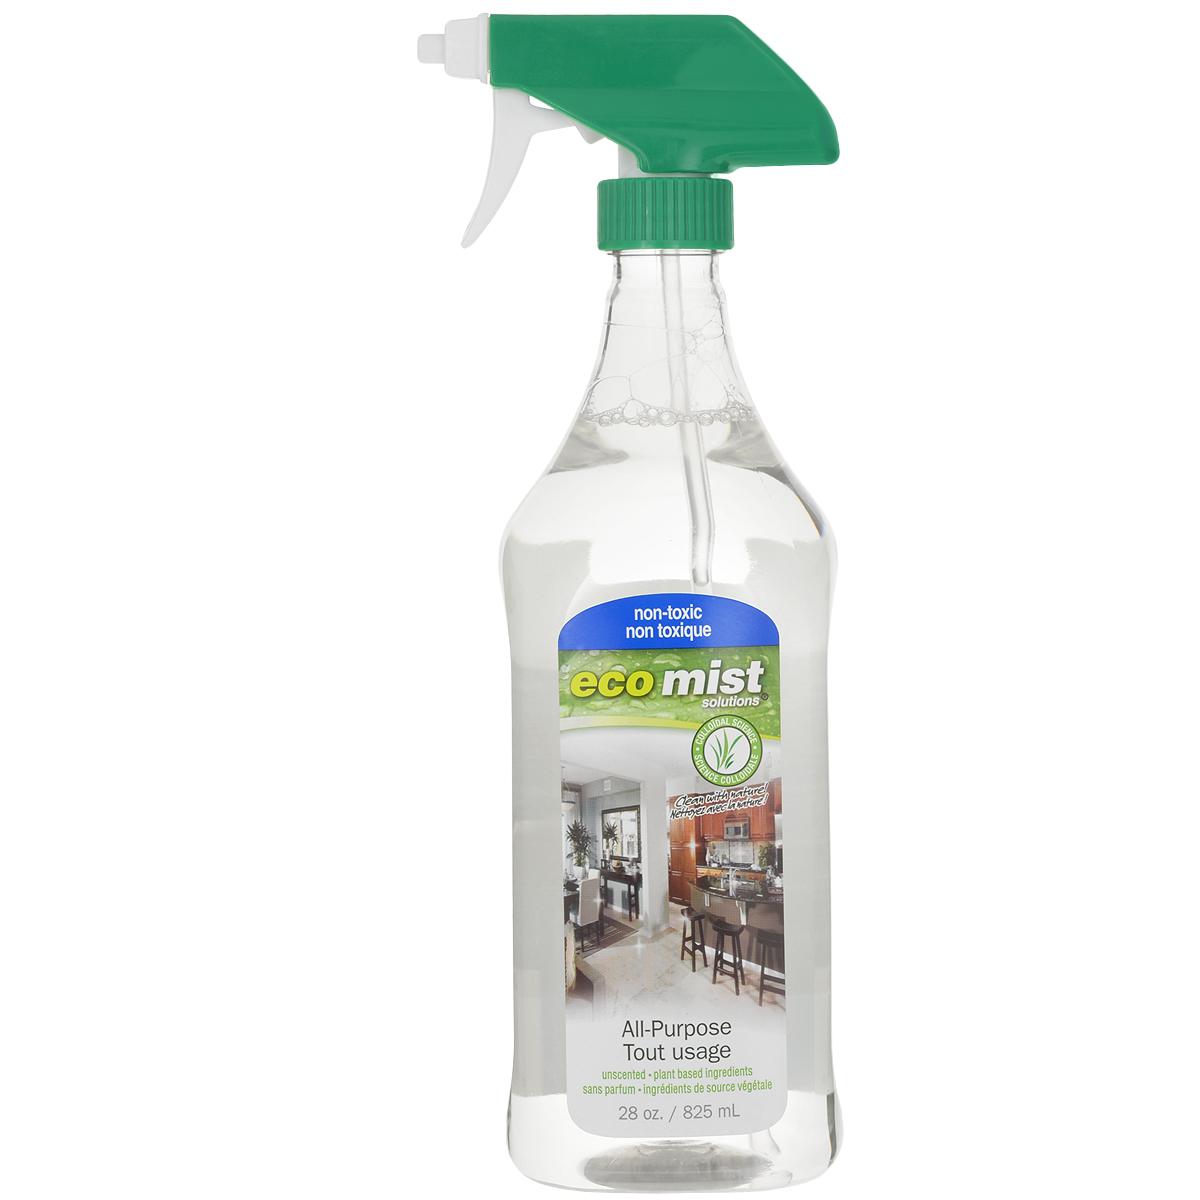 Средство универсальное для очистки любых поверхностей Eco Mist, 825 млEM825XXAPTR06EFLИдеальное, высоконконцентрированное универсальное средство Eco Mist для придания чистоты любым поверхностям в доме, в том числе детских игрушек, полов и предметов в детской комнате. Также подходит для мытья предметов при уходе за пациентами. Это чистящее средство можно разбавить для приготовления рабочего раствора в пропорции 1:7, то есть 100 мл средства на 700 мл воды. Идеальная чистота - гарантированное здоровье для вас, ваших детей, близких и домашних животных. Не токсично. Без запаха. Состав: дехлорированная вода, кукуруза, древесный сок, трава, экстракт картофеля, сахарный тростник.